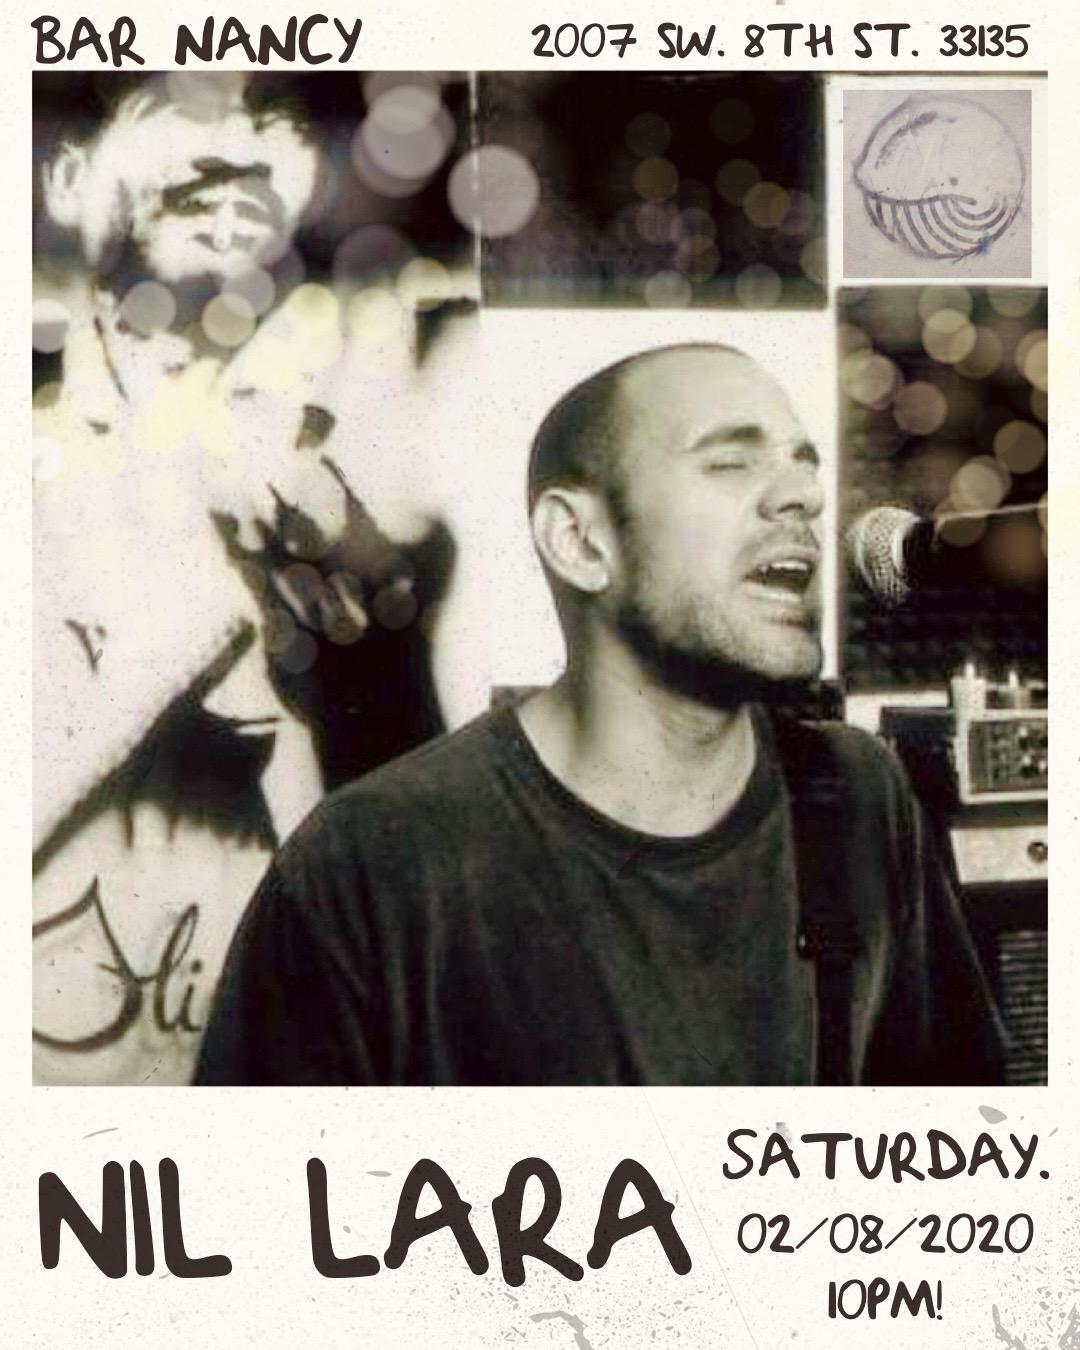 Nil Lara Live at Bar Nancy!